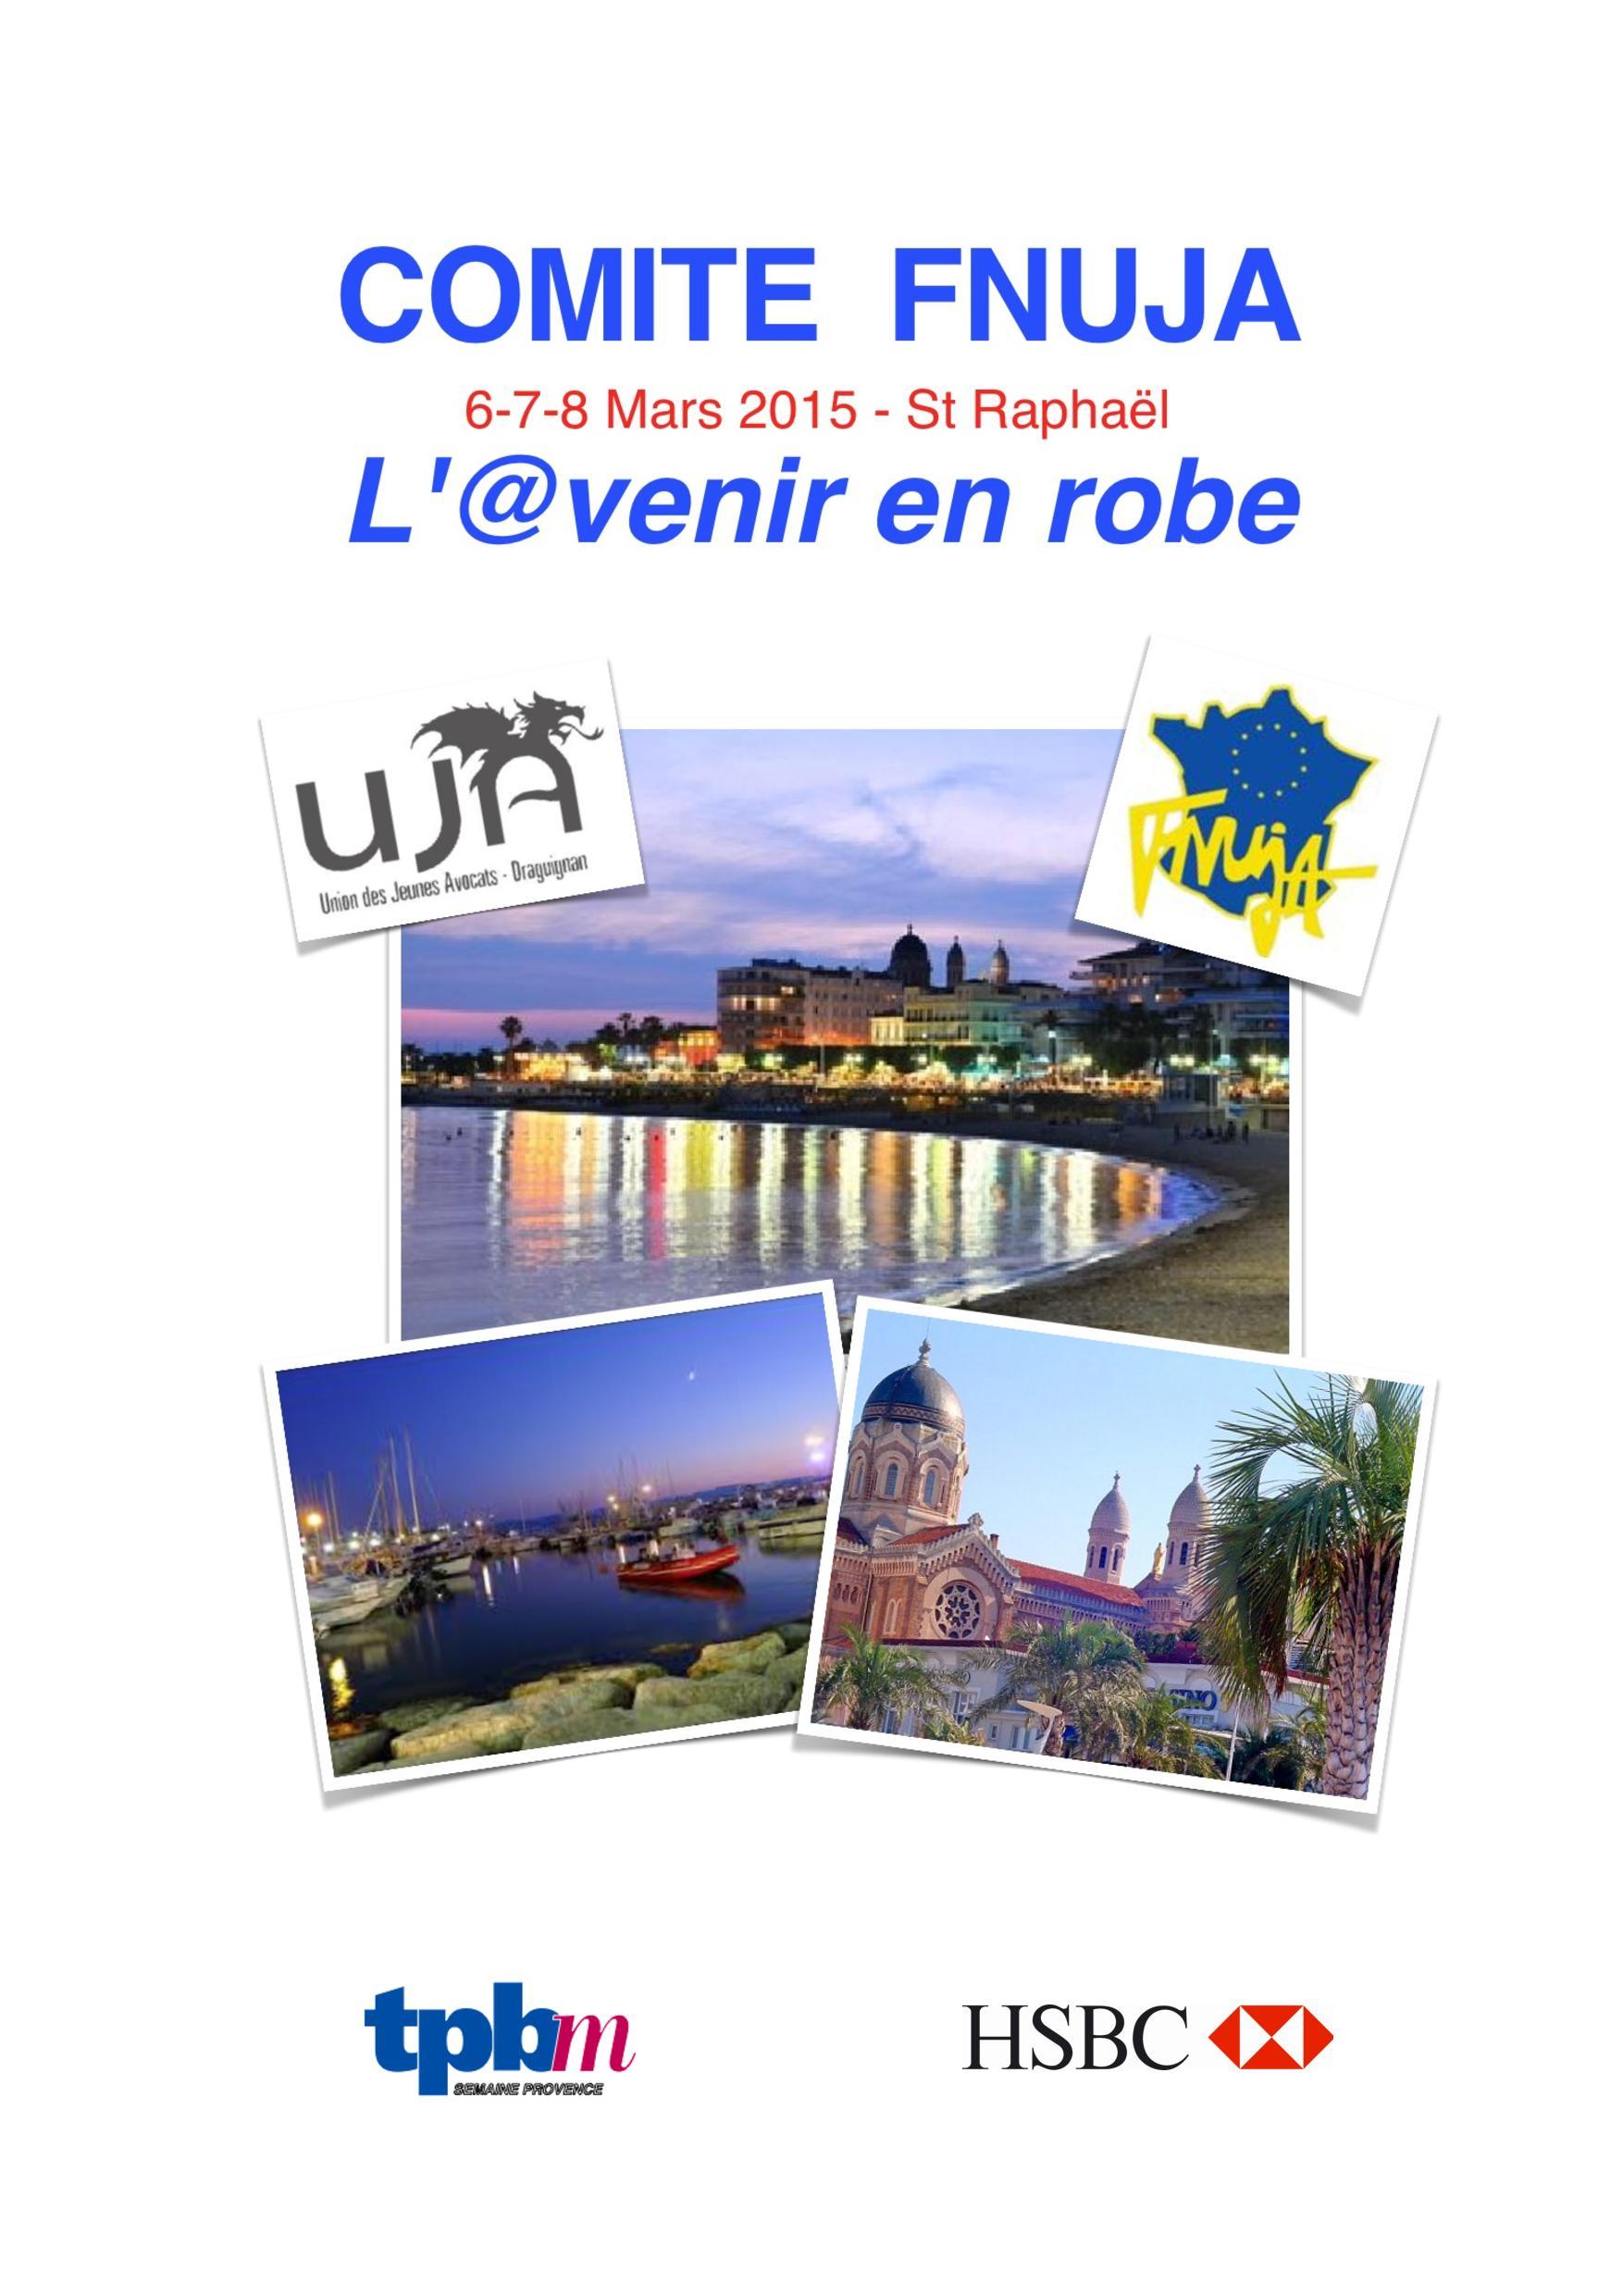 Comité décentralisé du 6 au 8 mars 2015 à Saint Raphaël